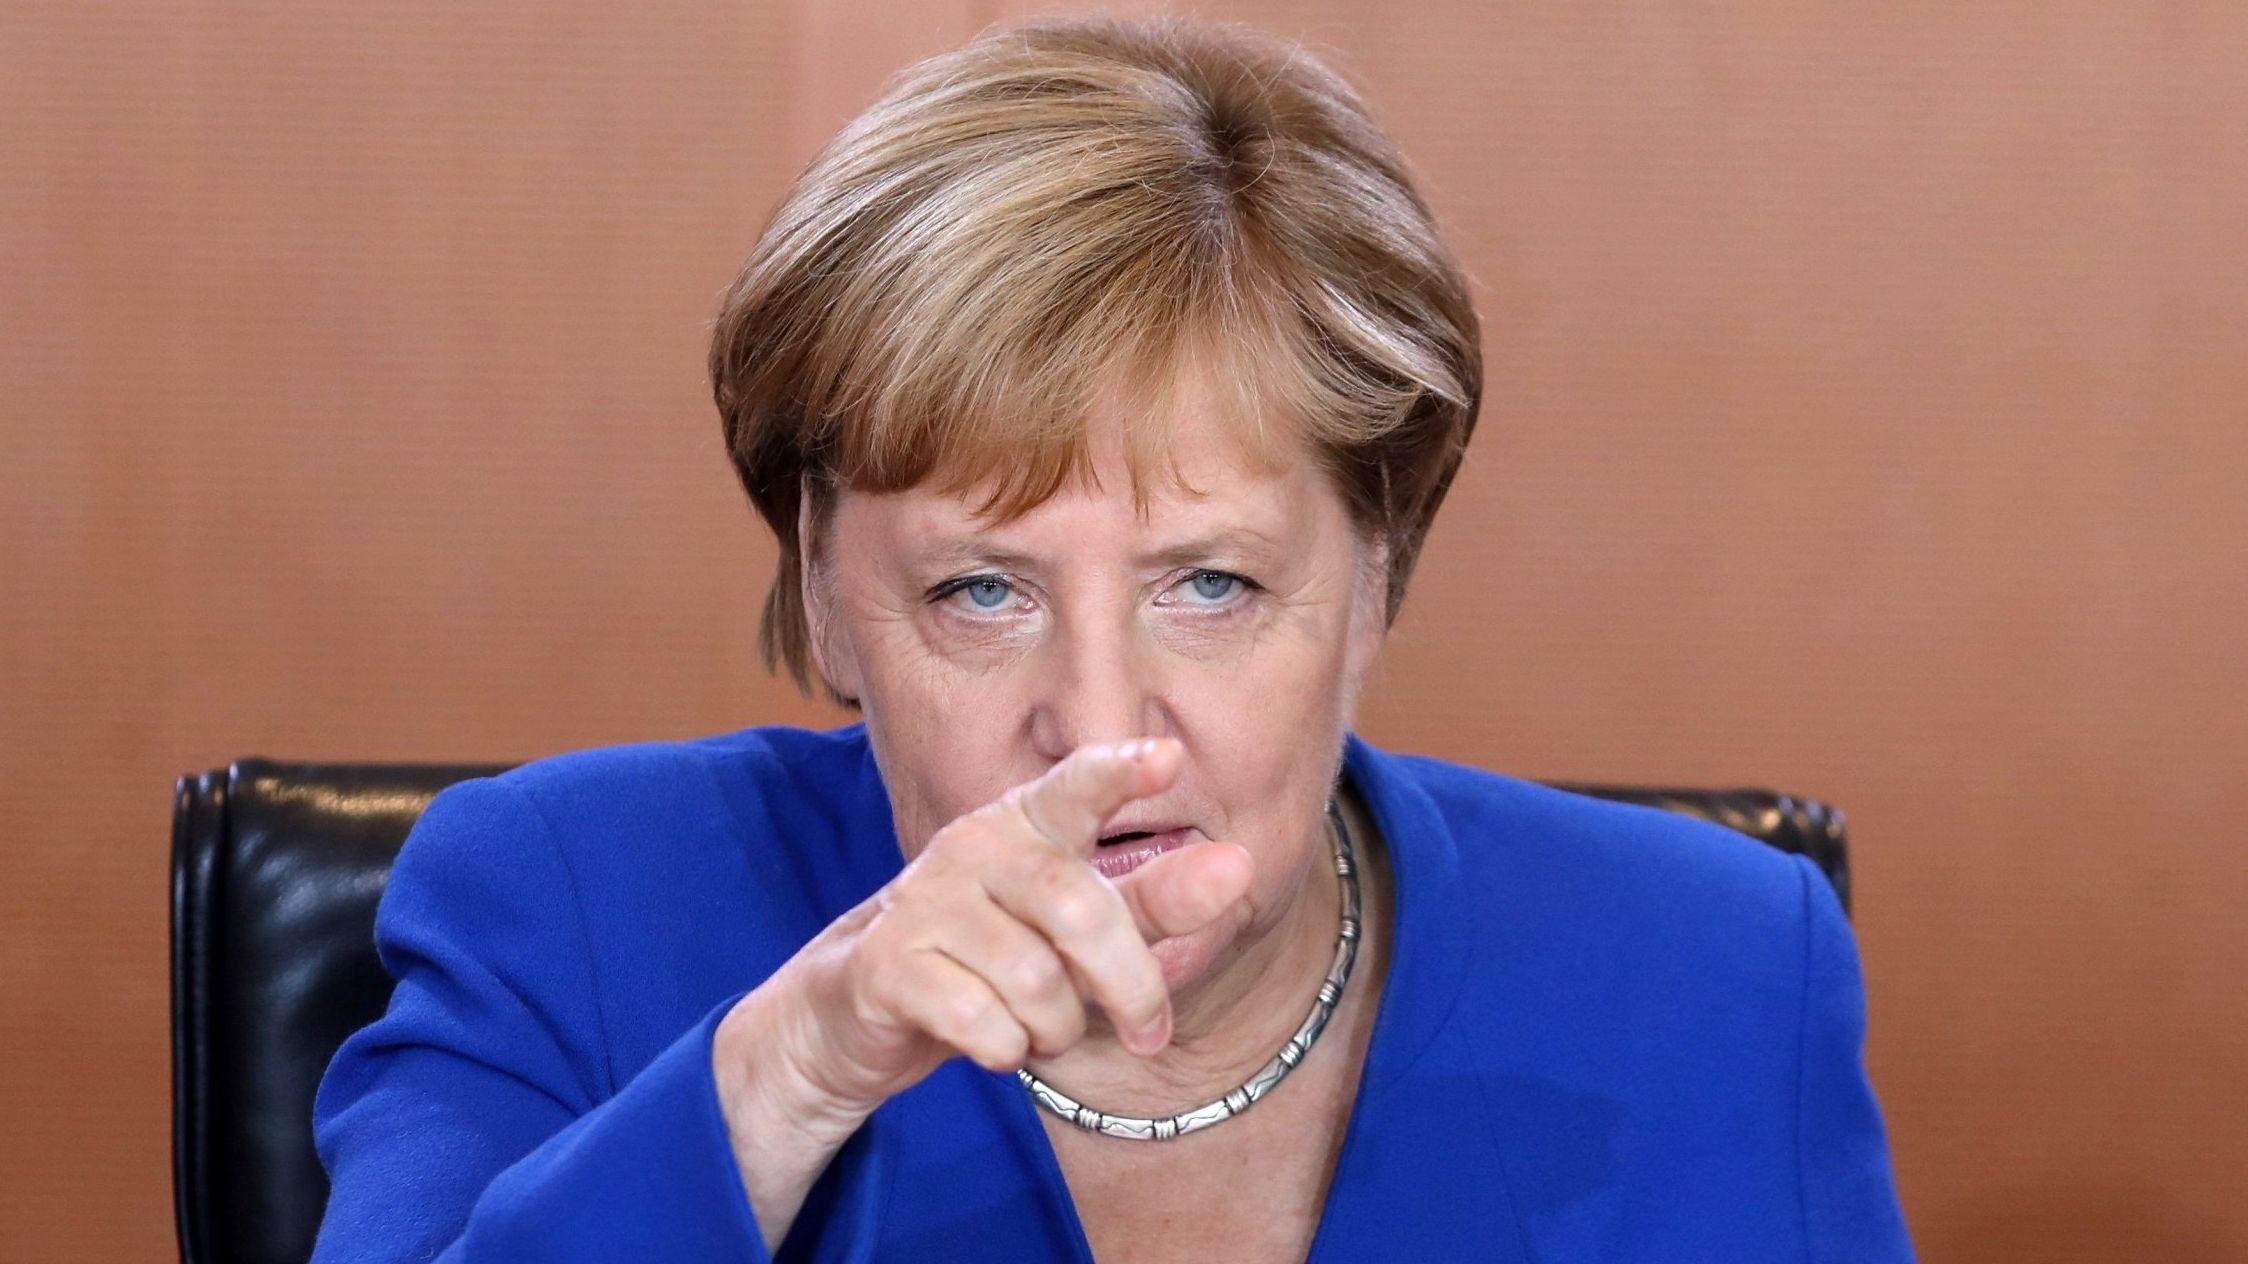 El Gobierno de Angela Merkel está escrutando las cuentas de los residentes de otras nacionalidades comunitarias